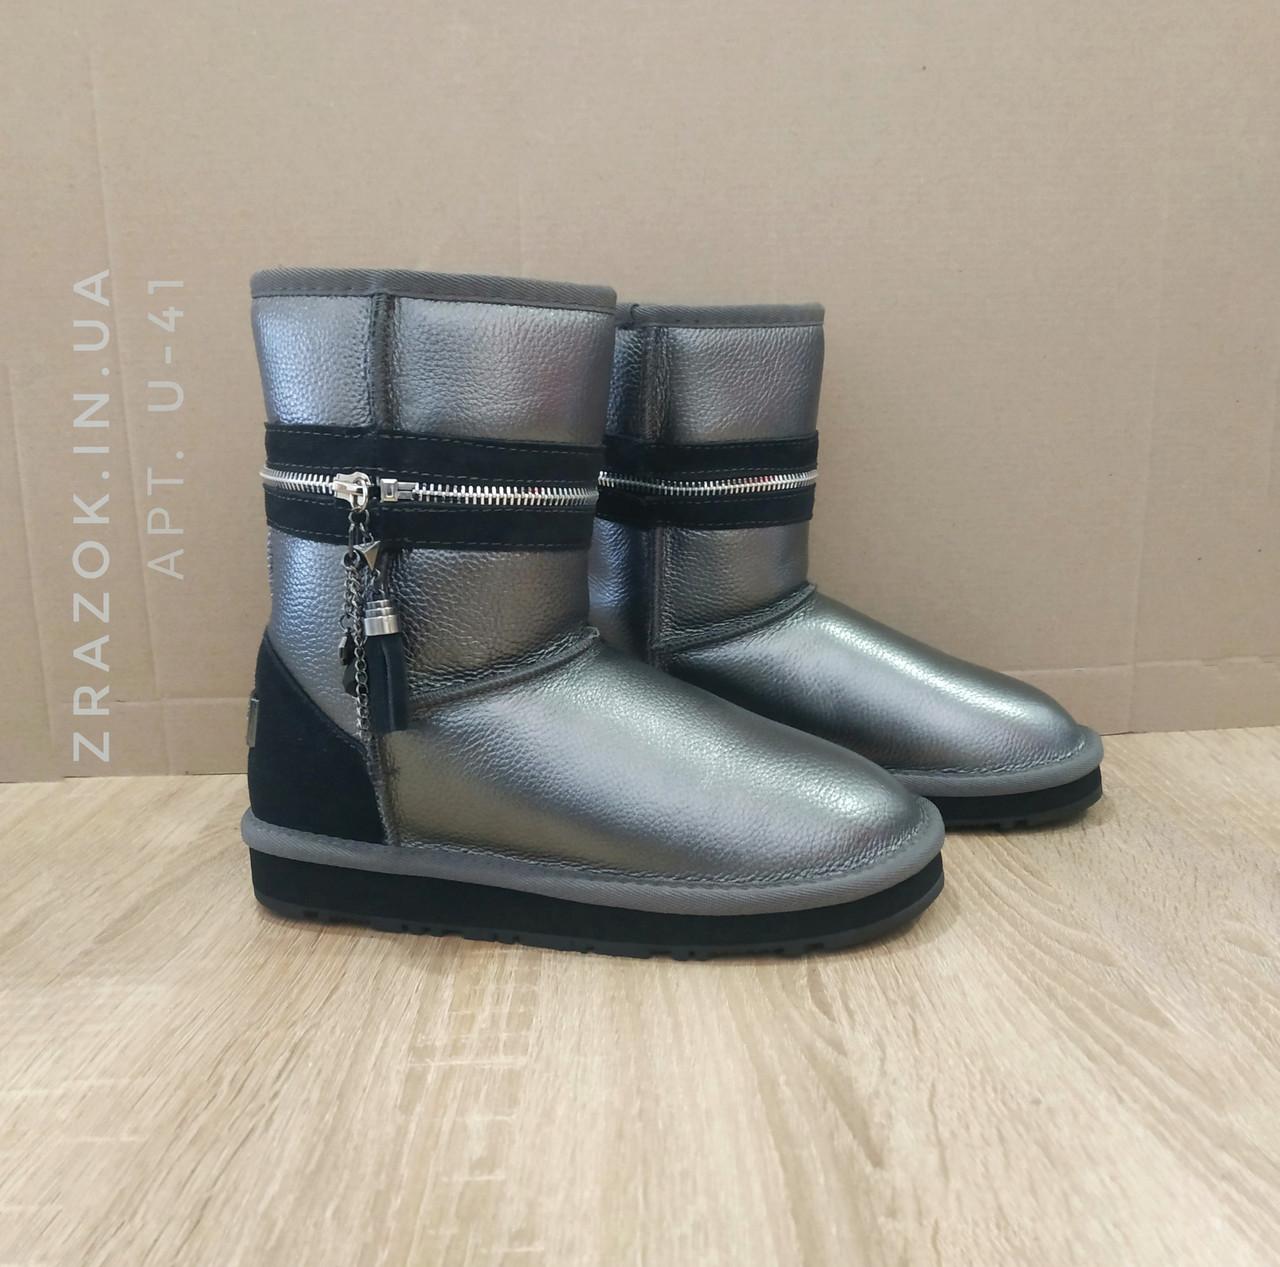 UGG Натуральна шкіра уггі жіночі класичні високі черевики високі Срібні чобітки шкіряні срібло